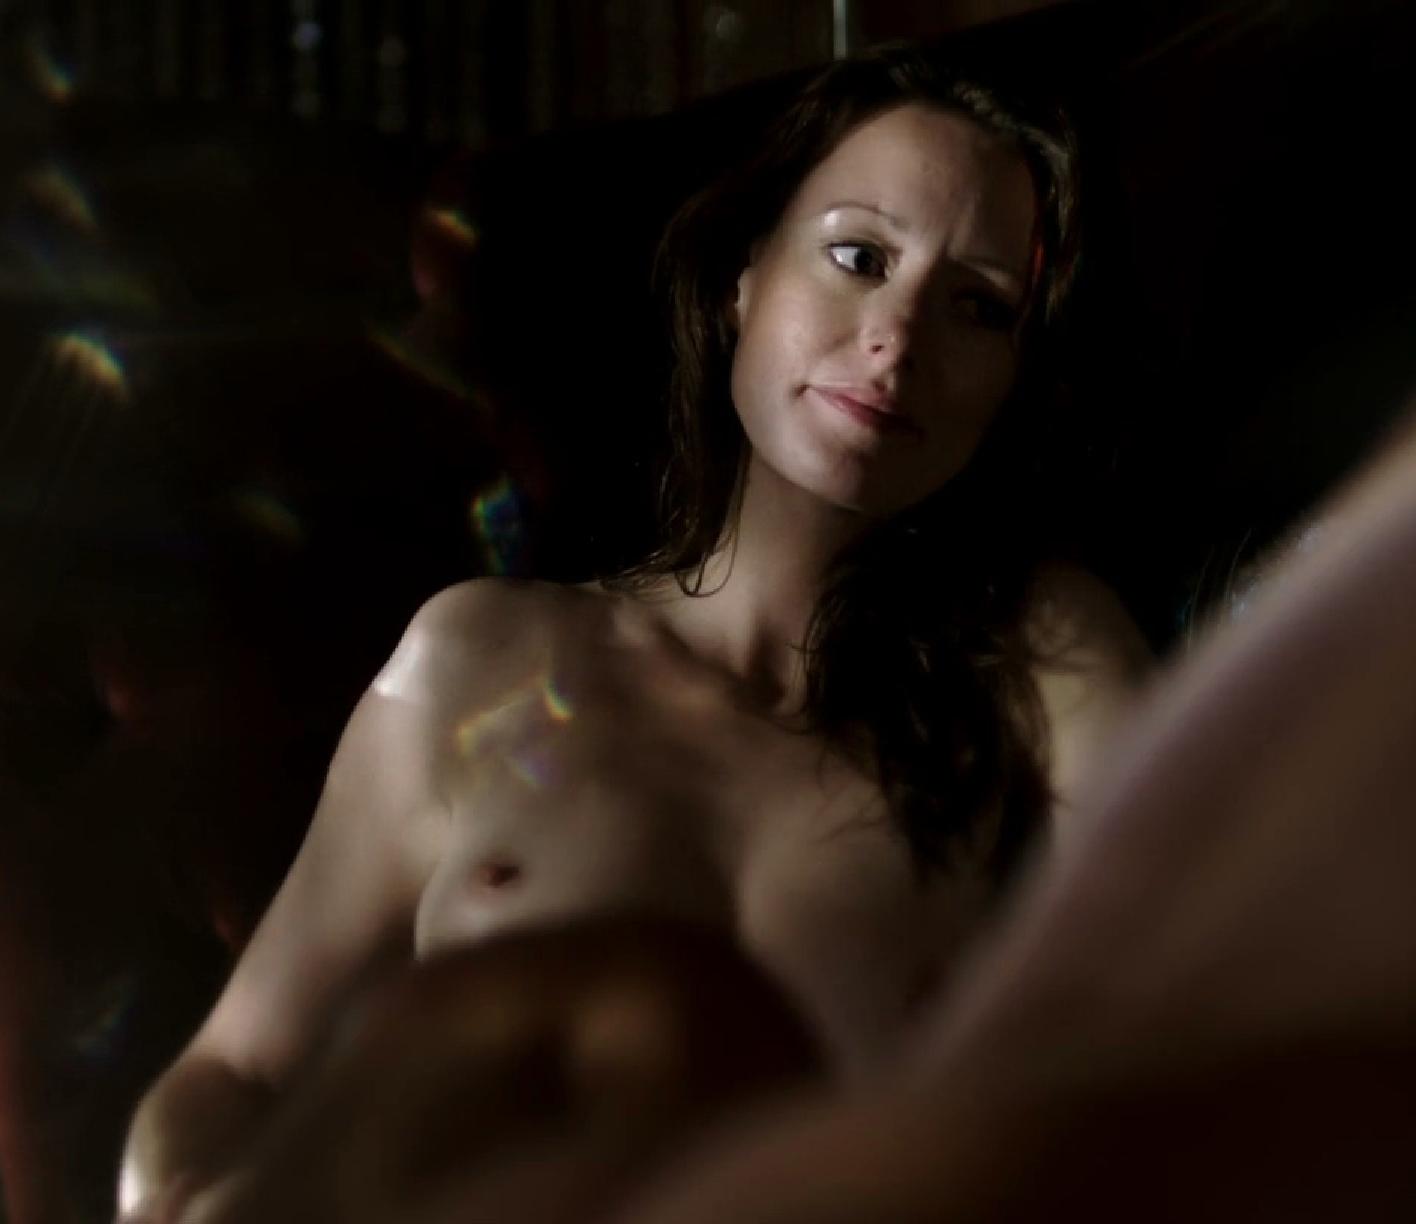 Lavinia wilson nackt bilder